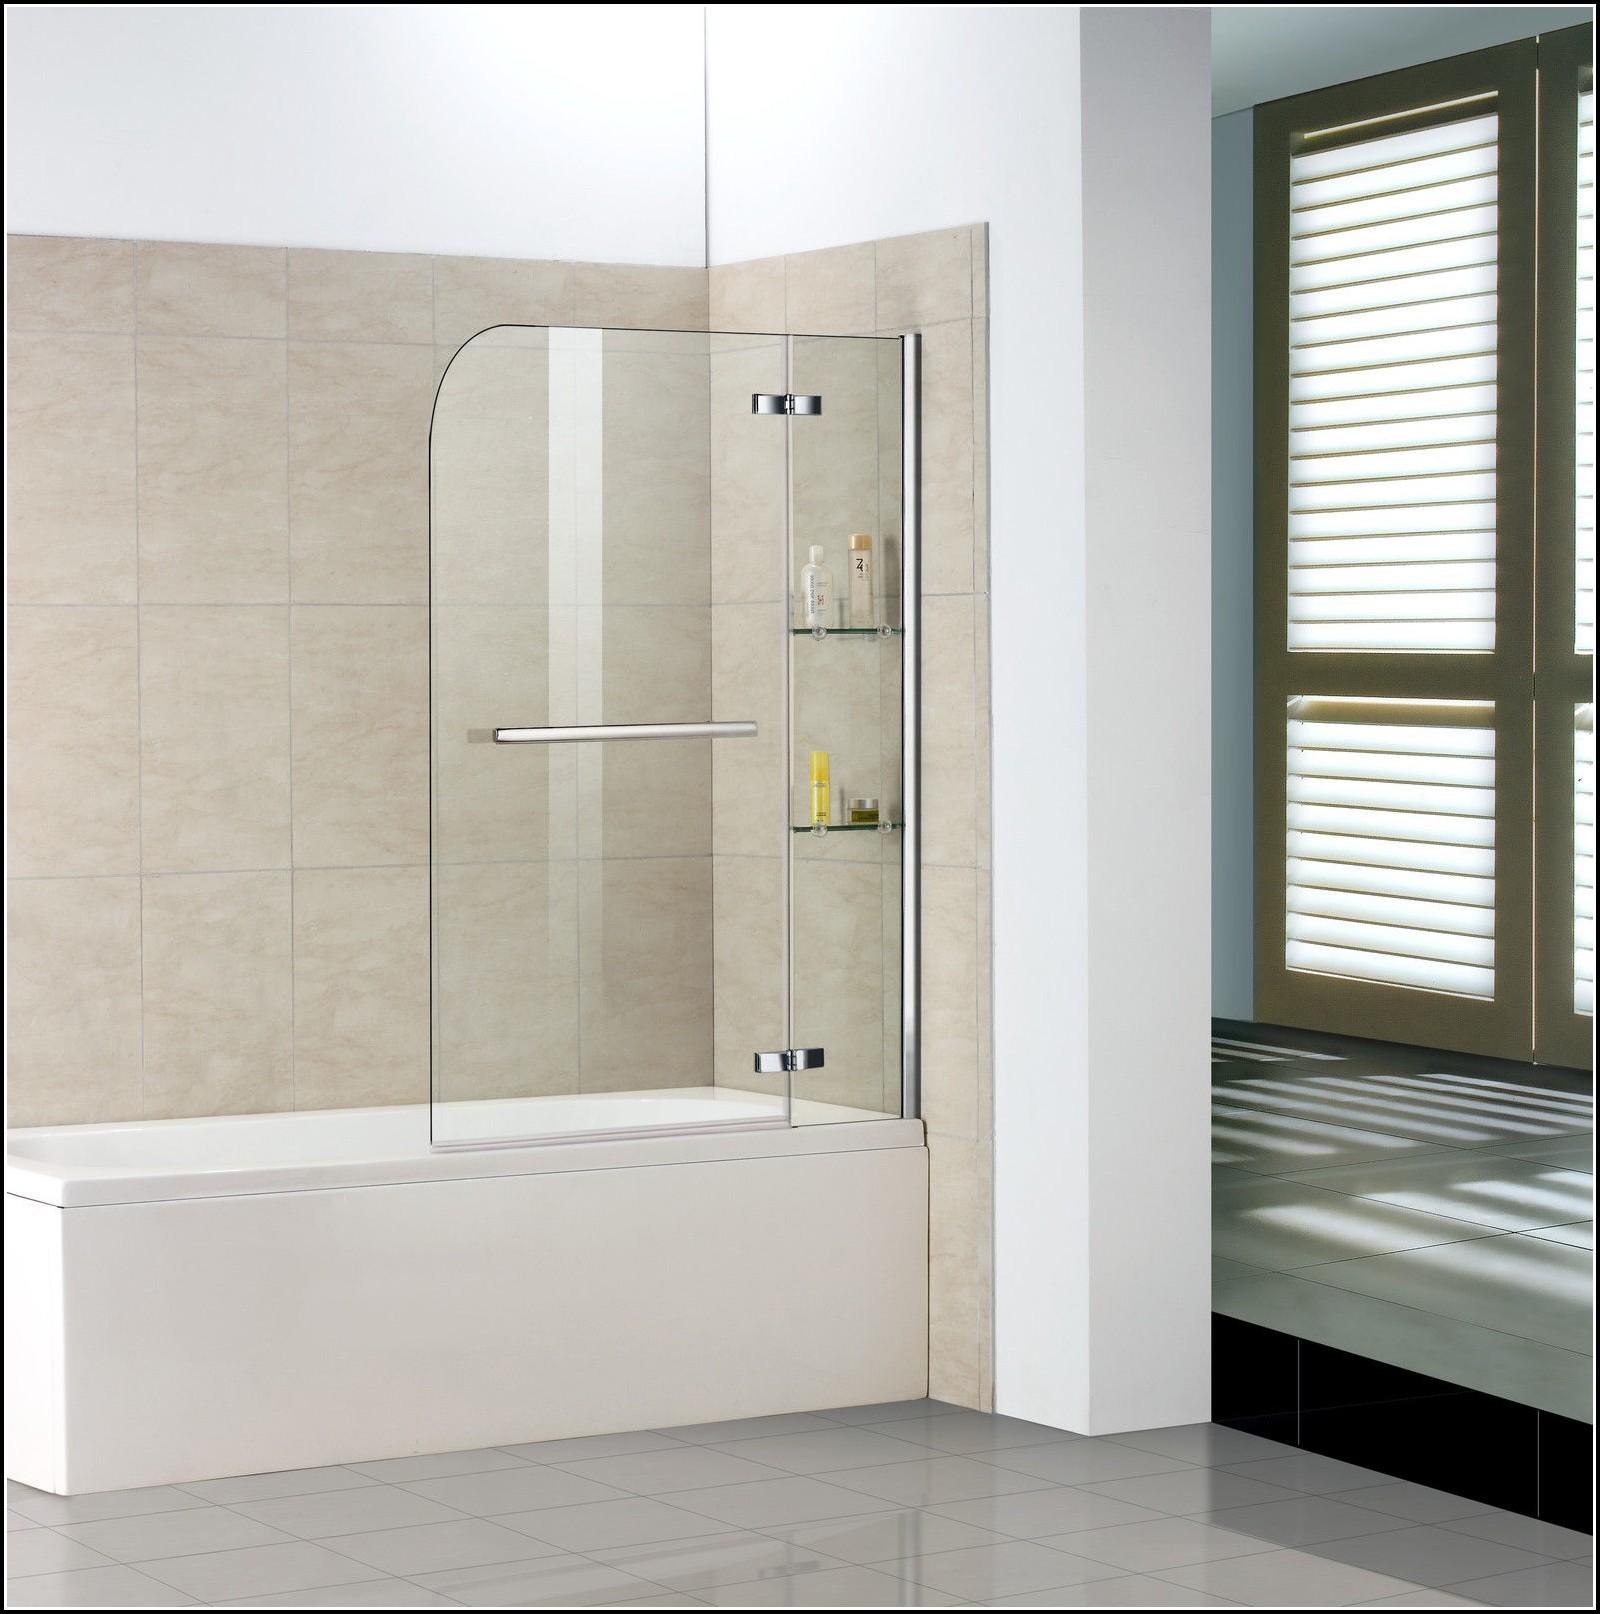 Duschwand Badewanne Glas Obi